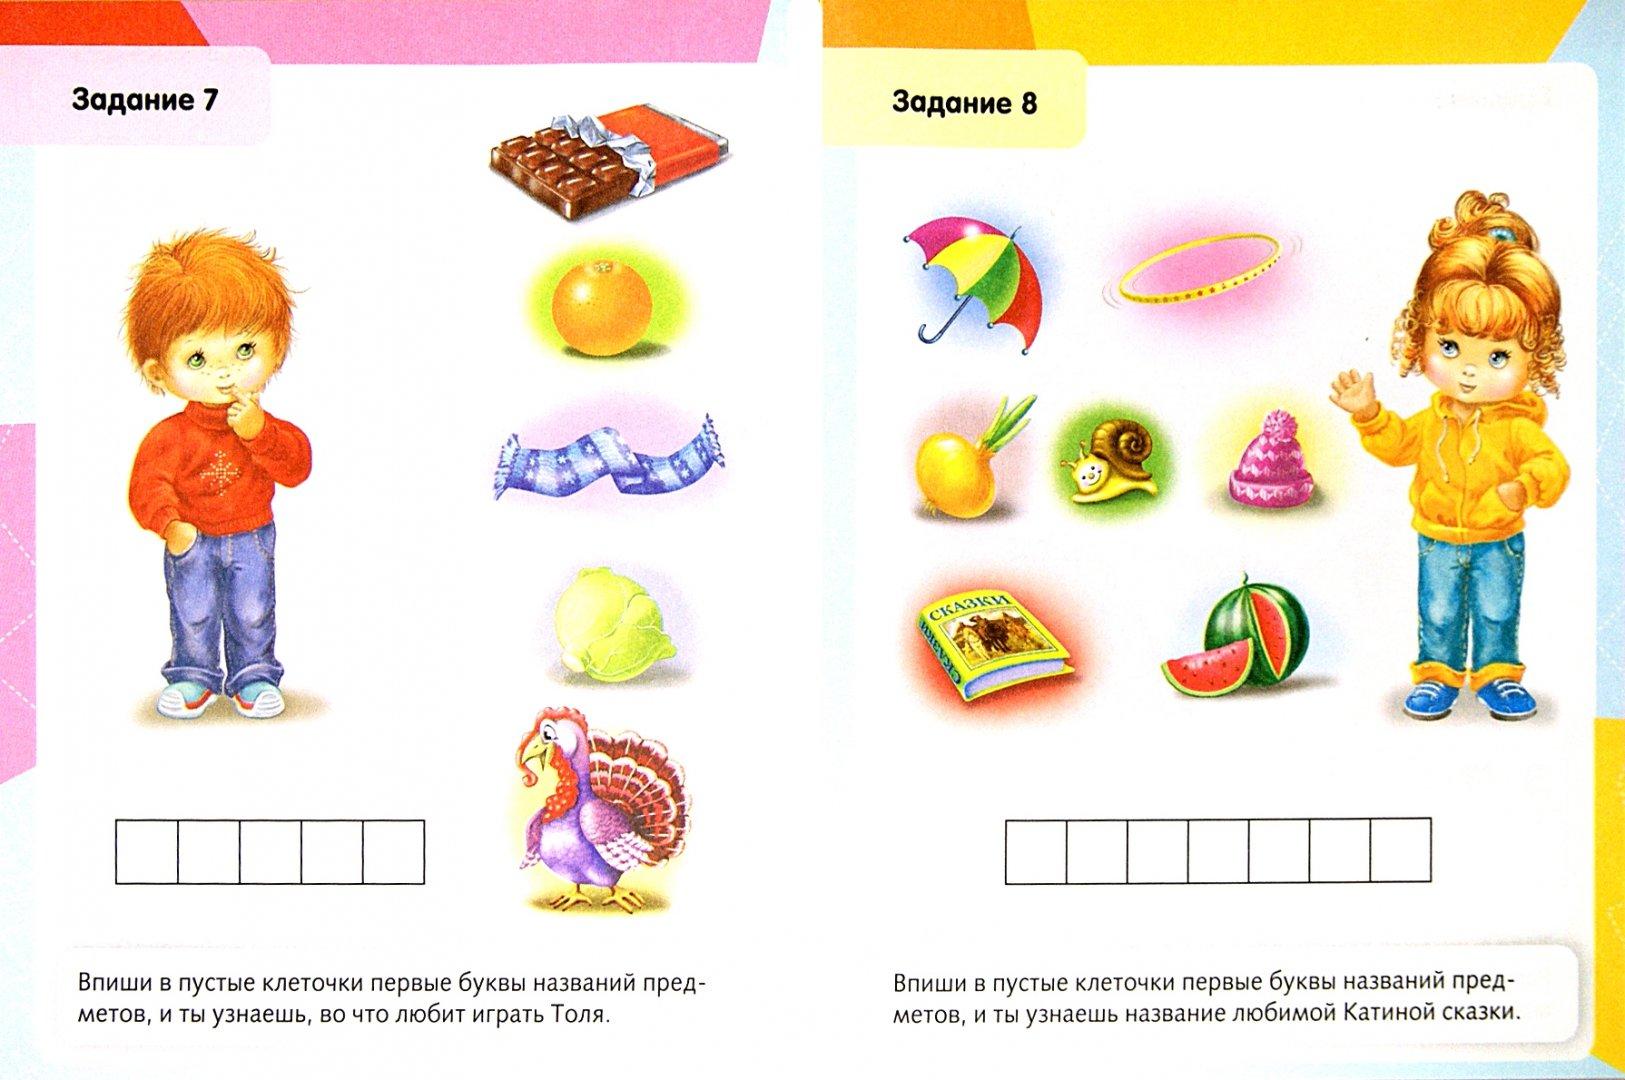 Иллюстрация 1 из 9 для Звуки и буквы - Марина Кузьмина   Лабиринт - книги. Источник: Лабиринт